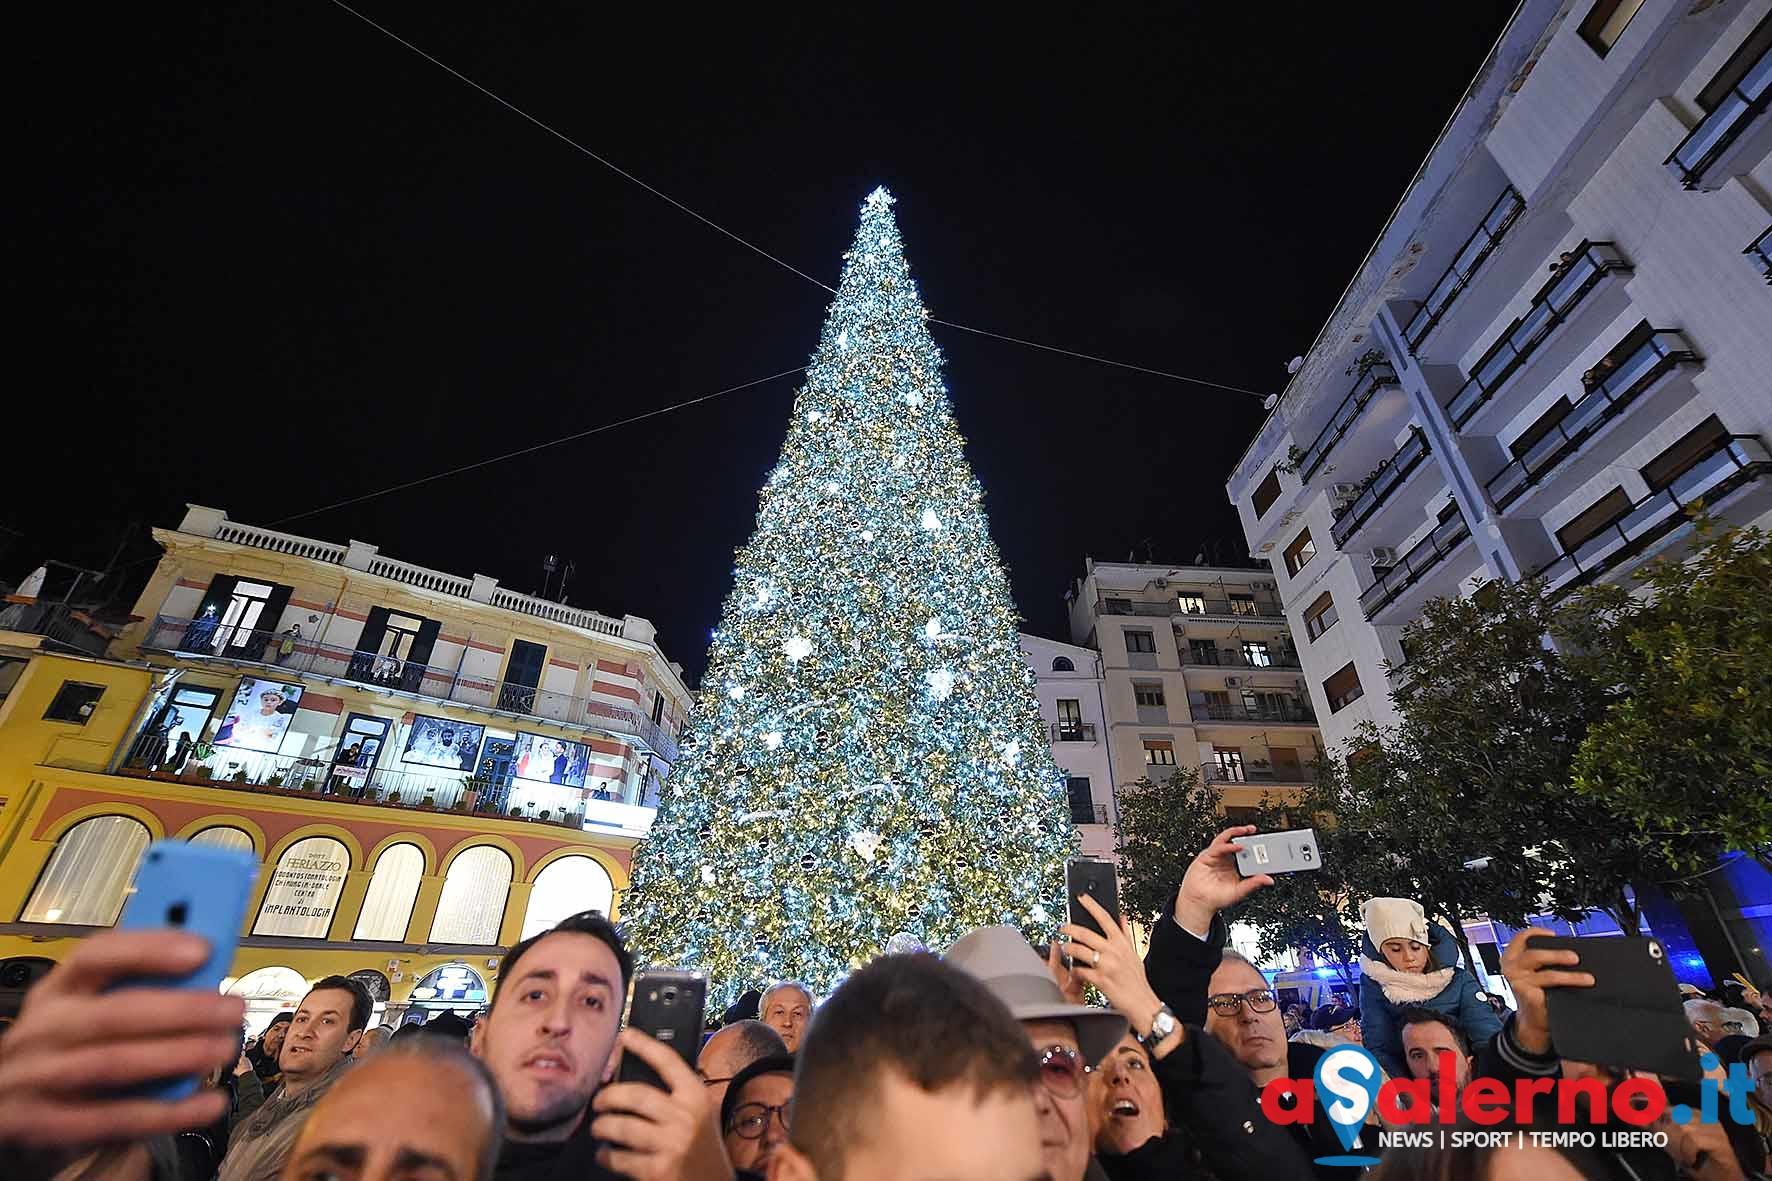 Serena Autieri accende l'albero di Natale: